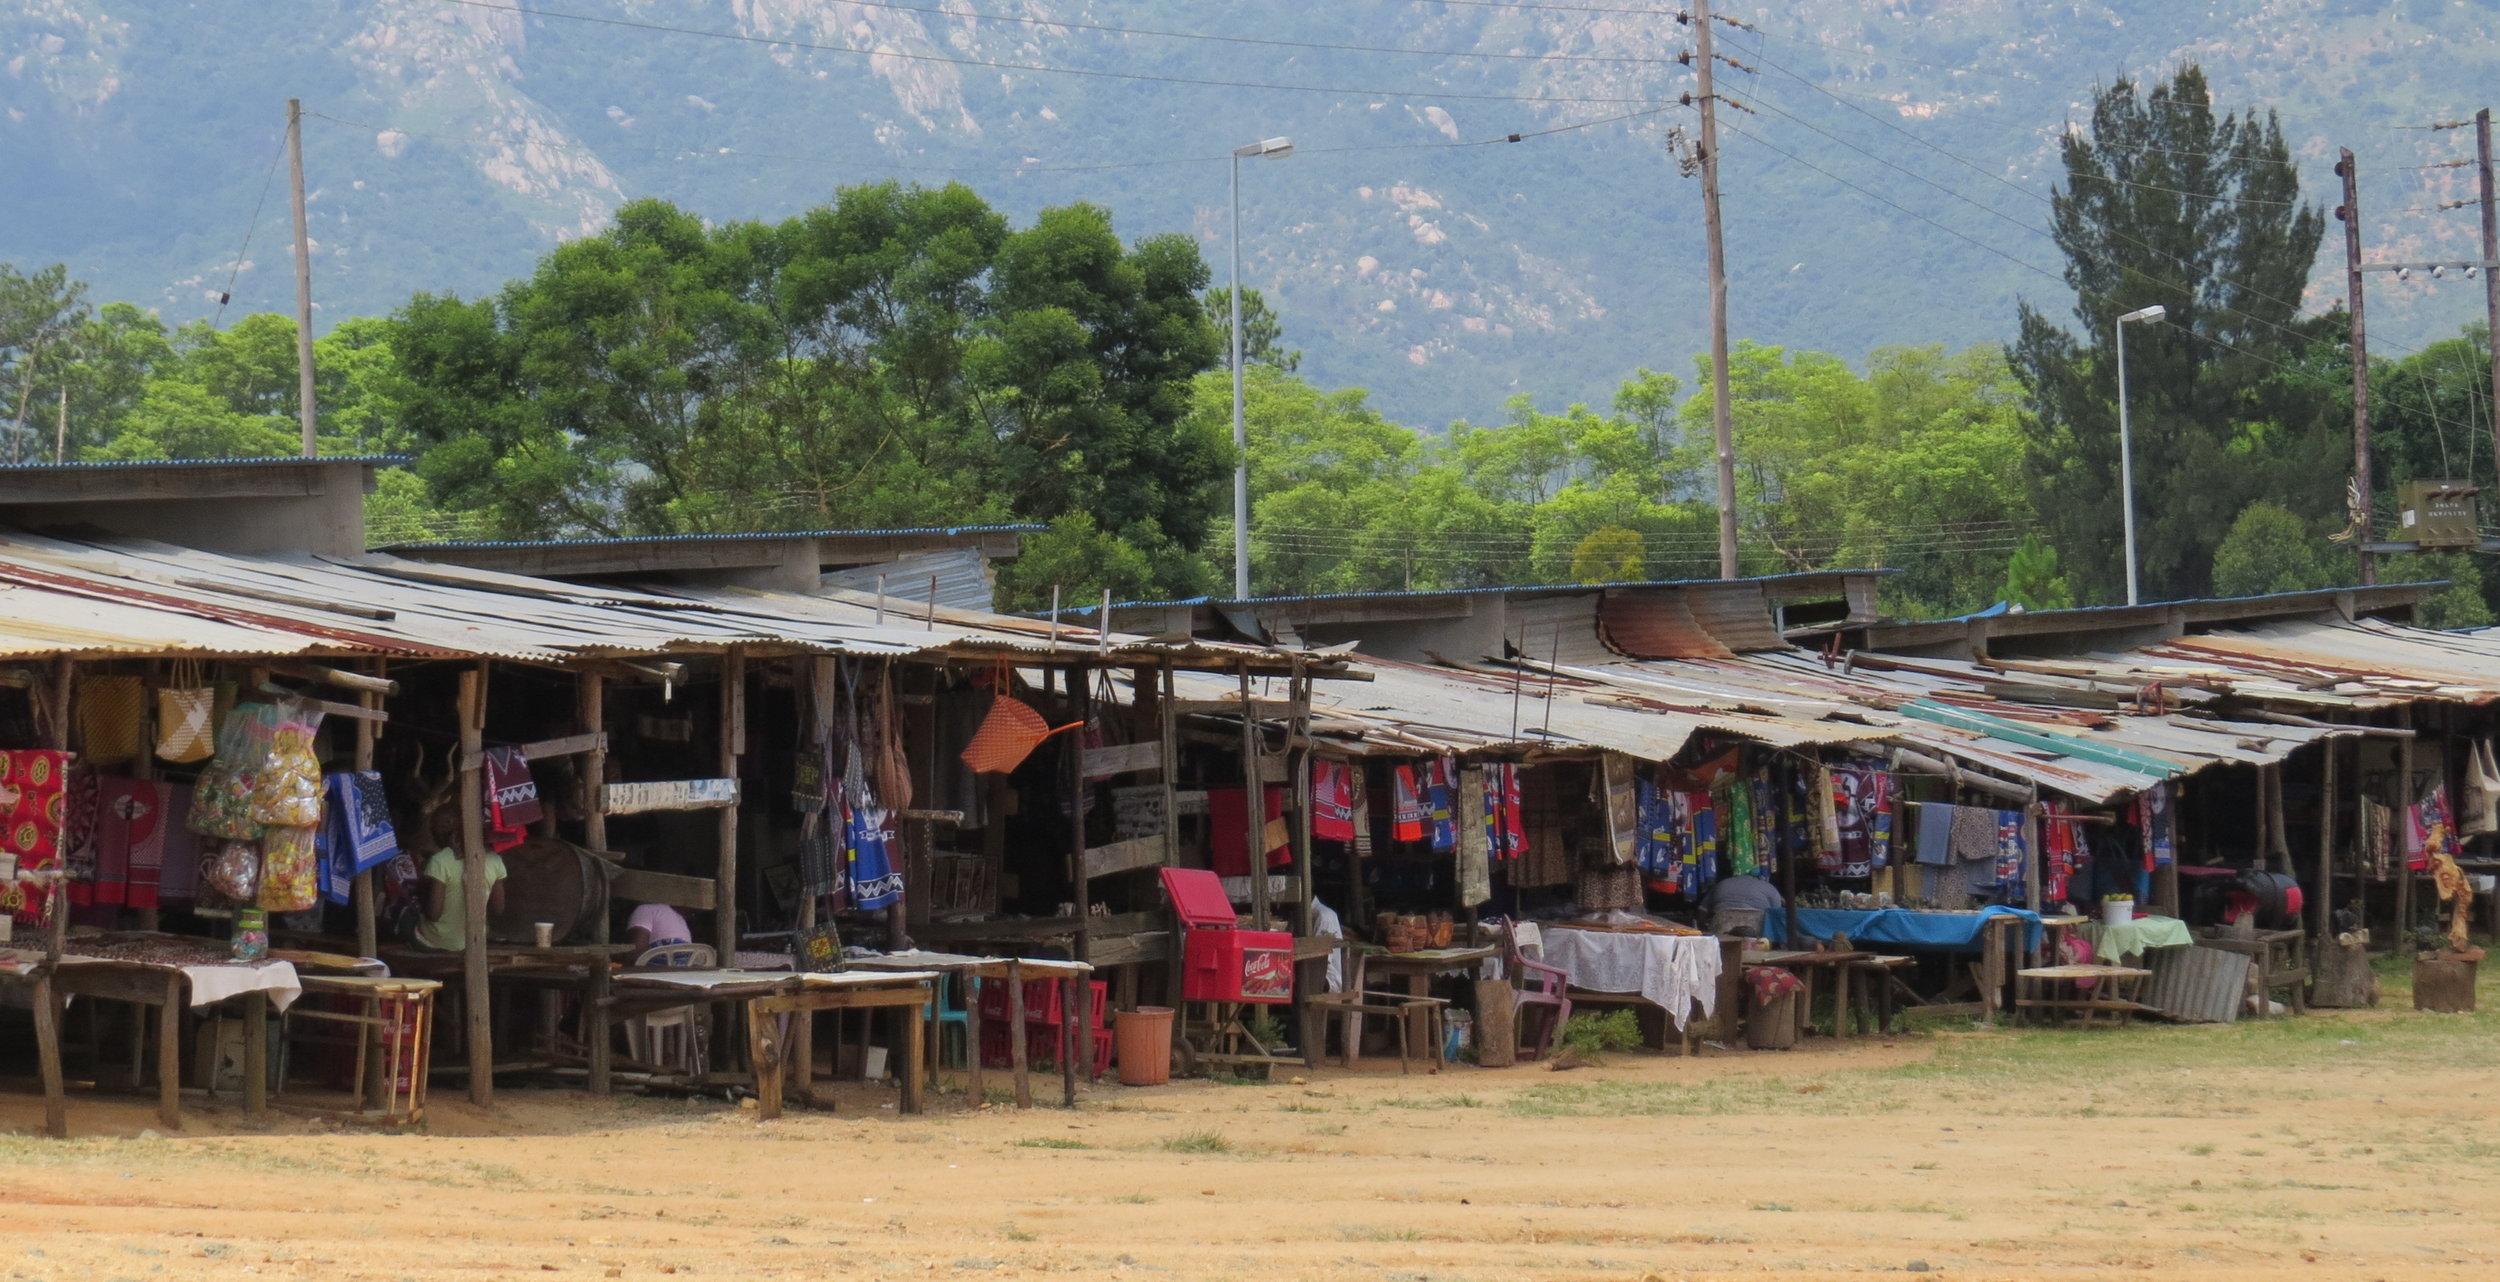 Roadside crafts market